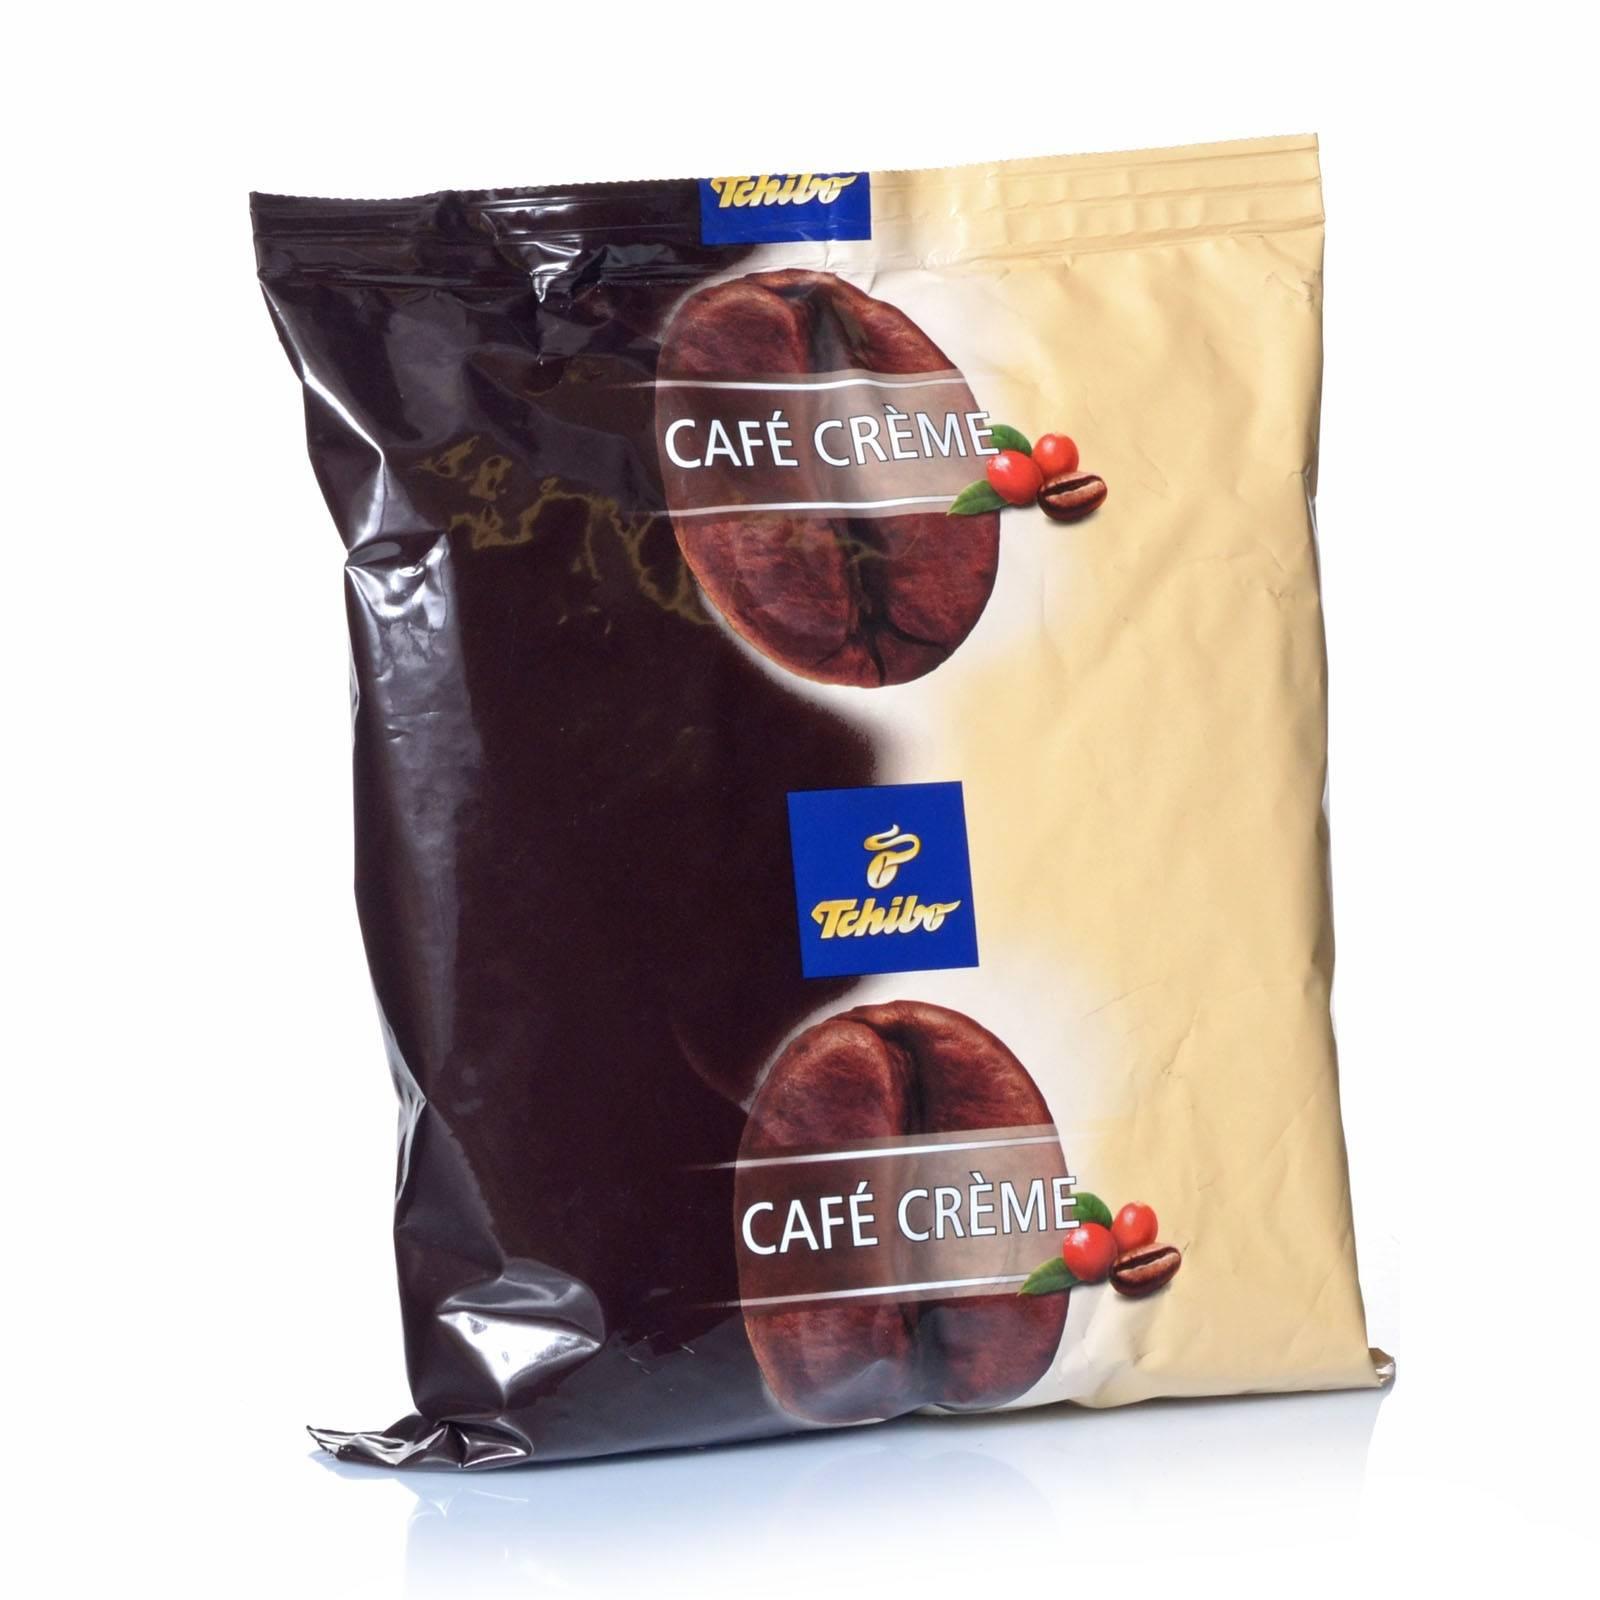 tchibo caf creme classic ganze kaffee bohnen 500 g. Black Bedroom Furniture Sets. Home Design Ideas